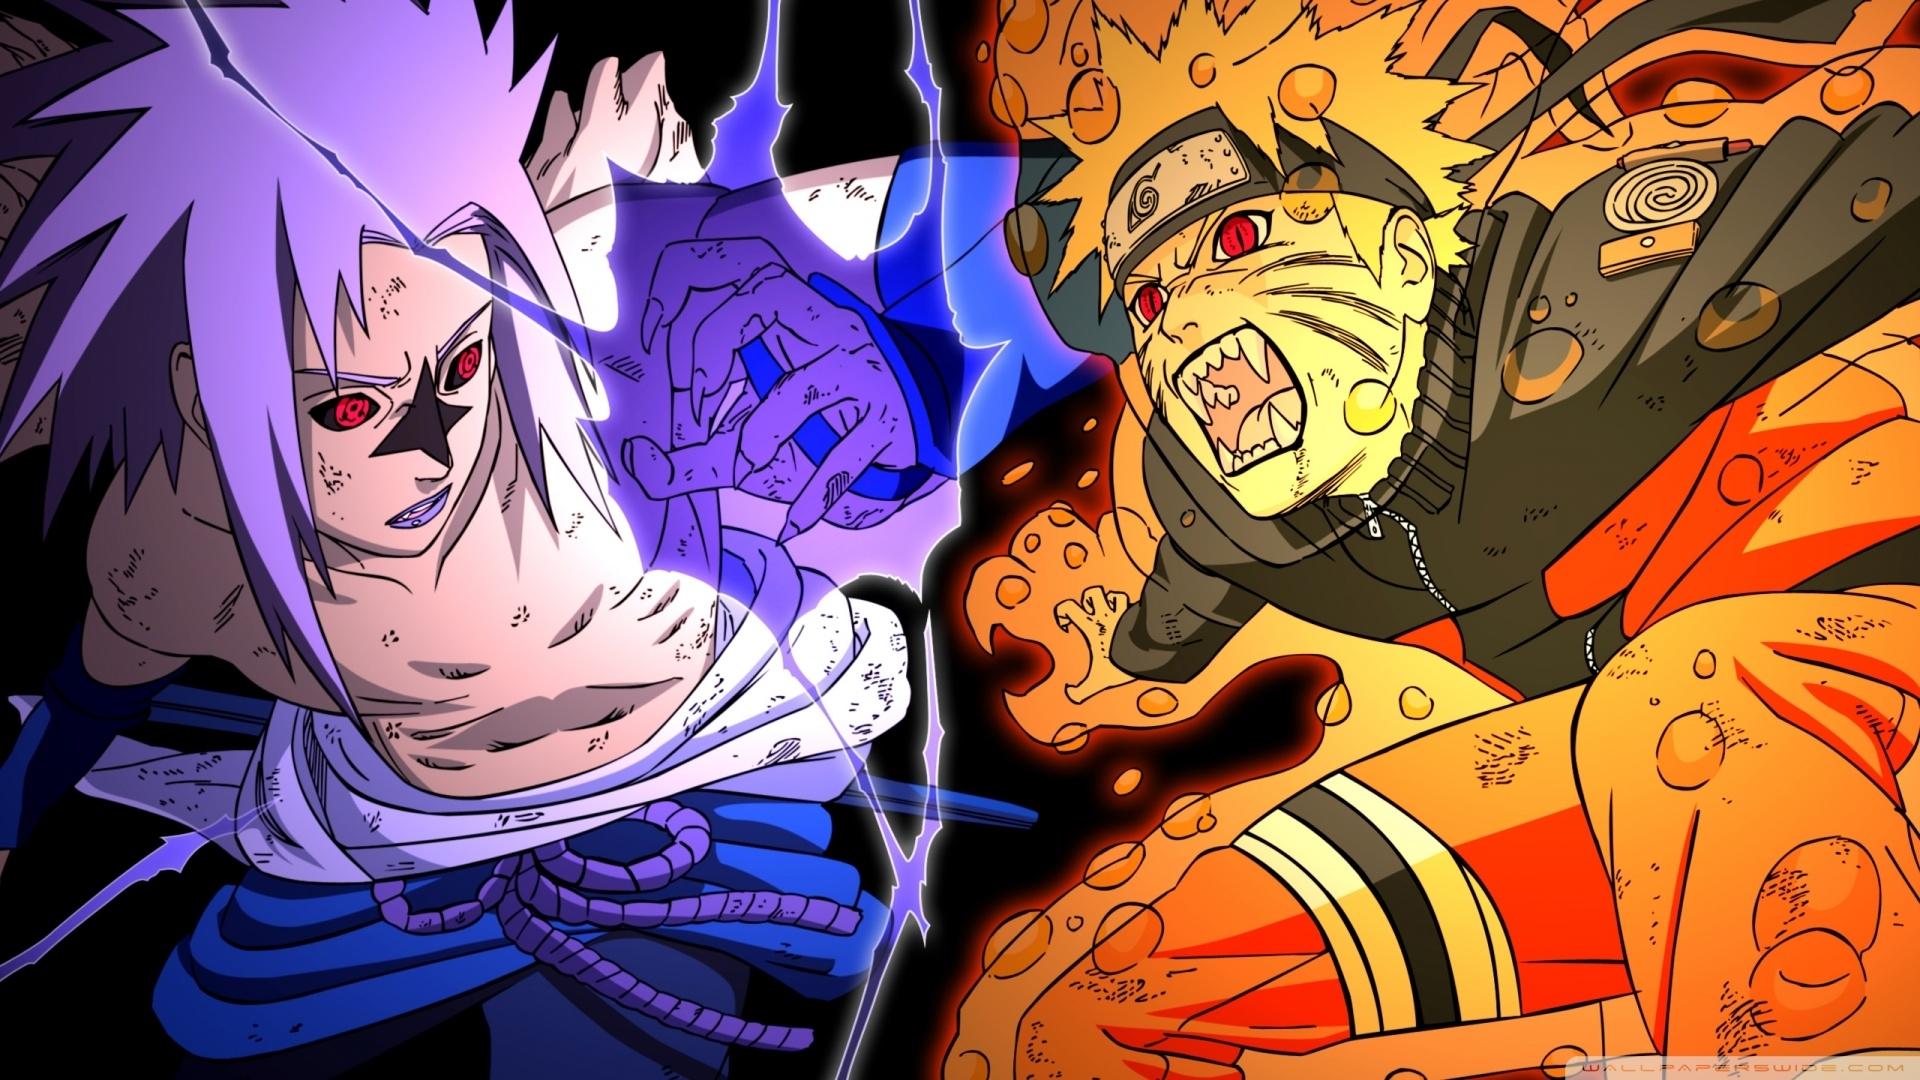 naruto vs sasuke - fighting ❤ 4k hd desktop wallpaper for 4k ultra